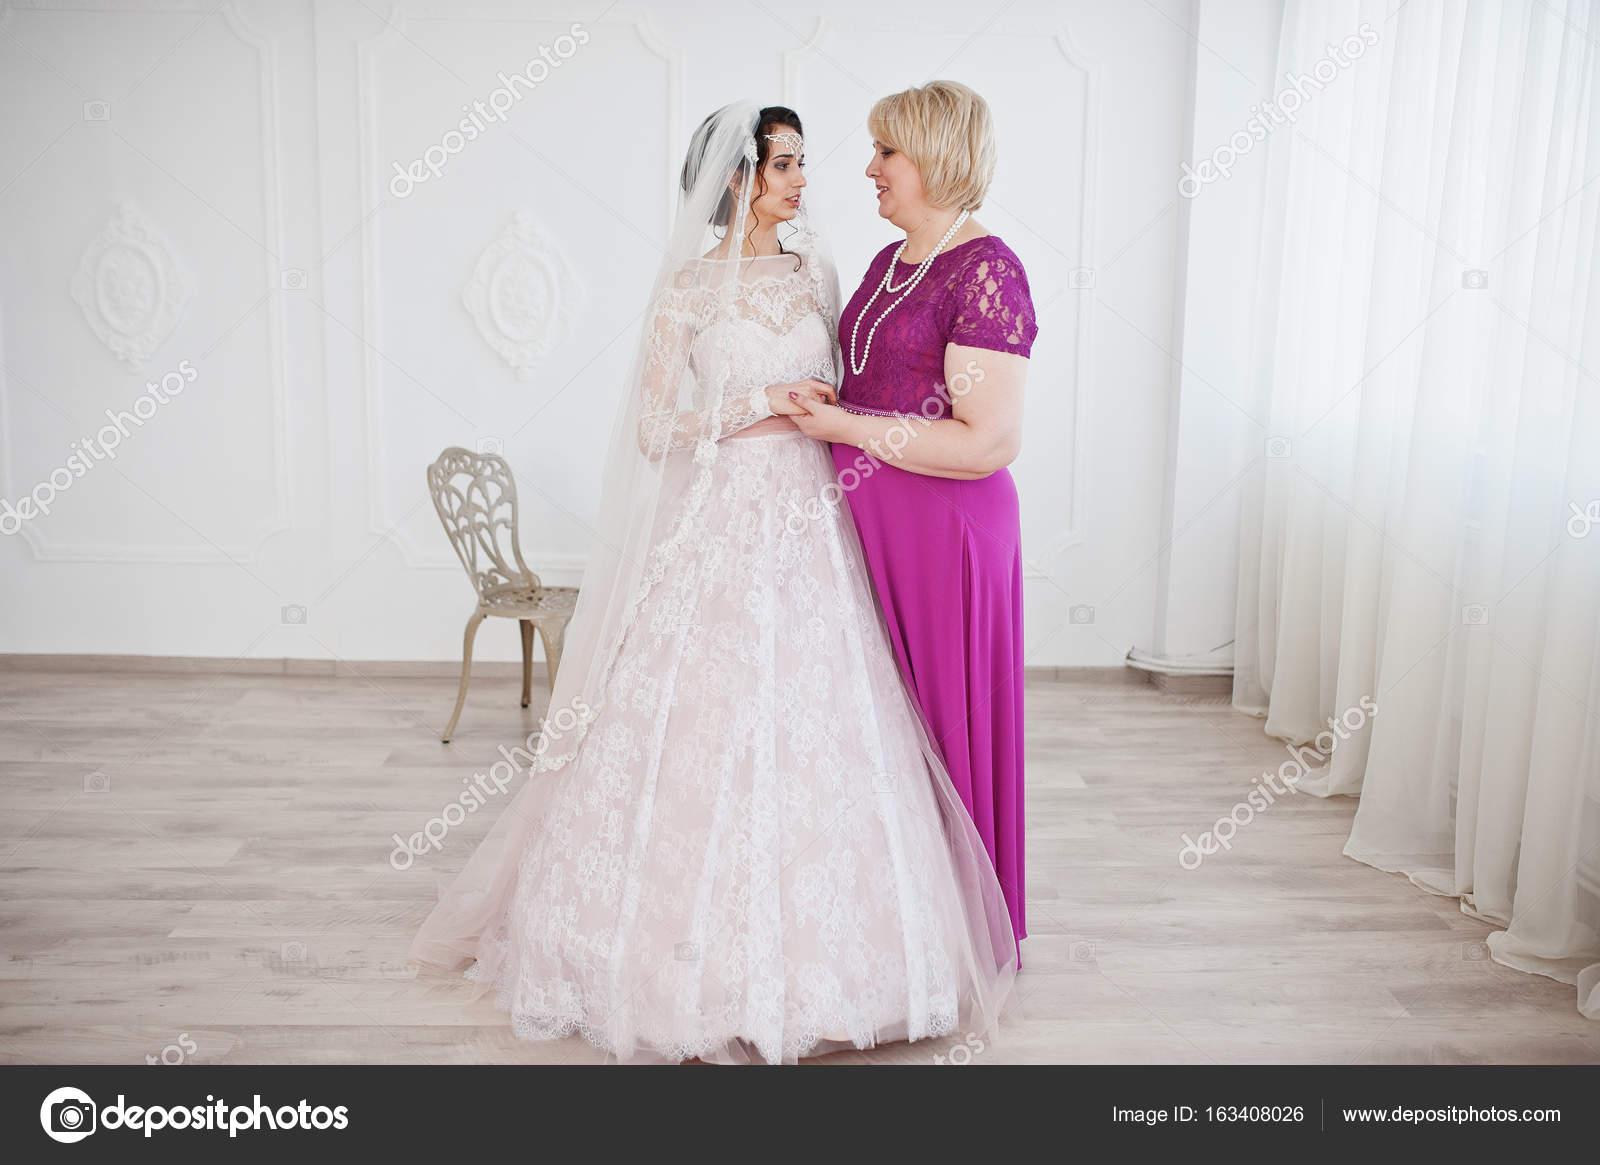 Schöne Braut im Hochzeitskleid posiert mit ihrer Mutter in lila lo ...